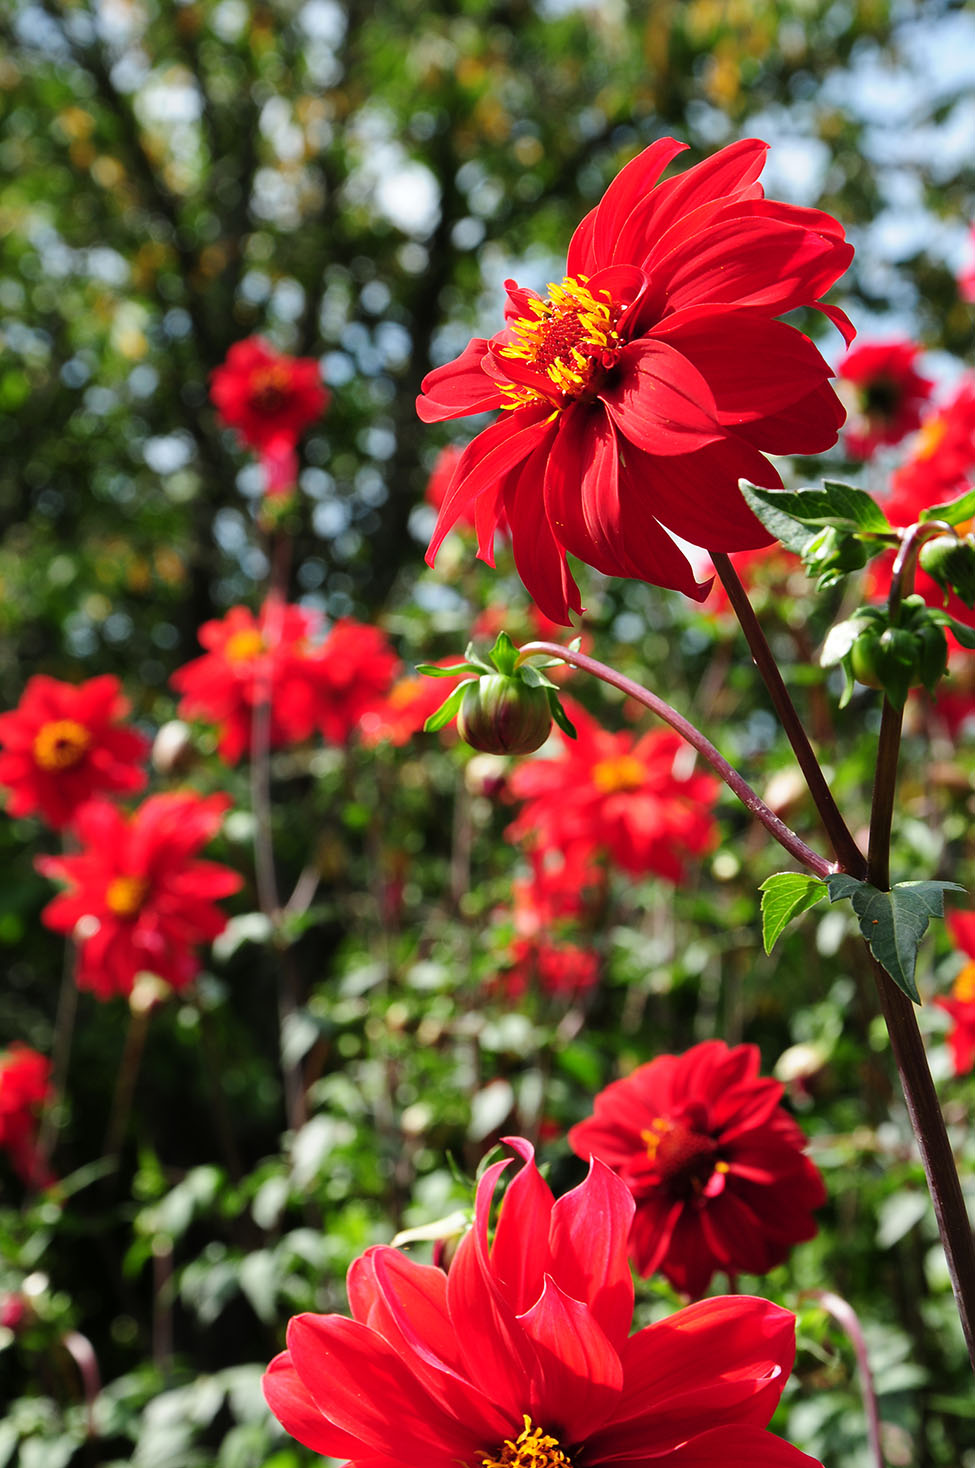 choses à faire dans l'Oise: découverte du jardin Van Beek